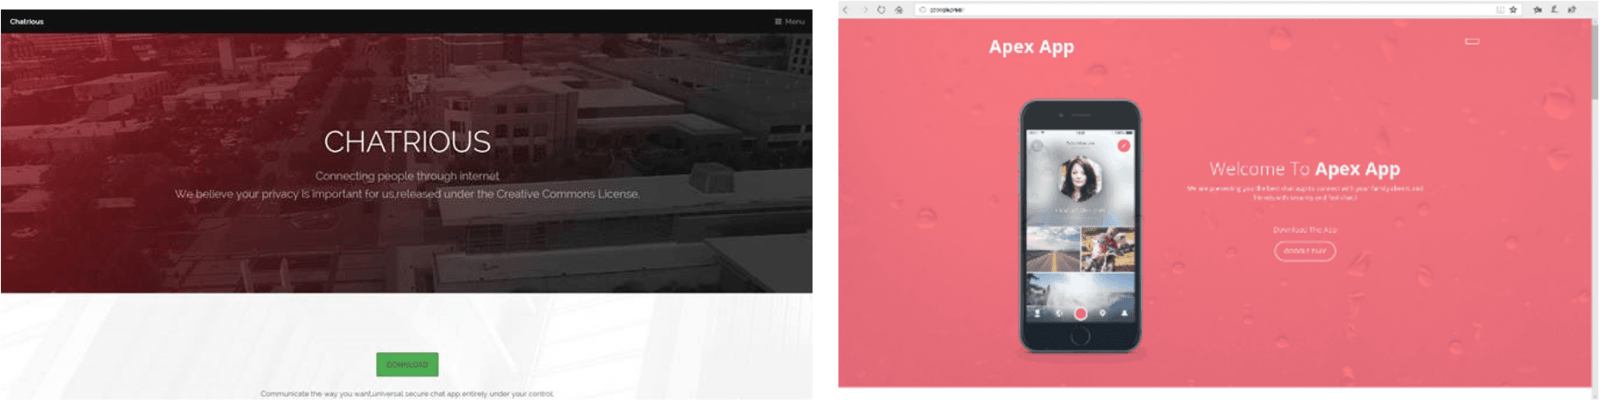 Новый вирус на Android тайно делает снимки экрана и отсылает их злоумышленникам (fig 1 callerspy chatrious apex app)